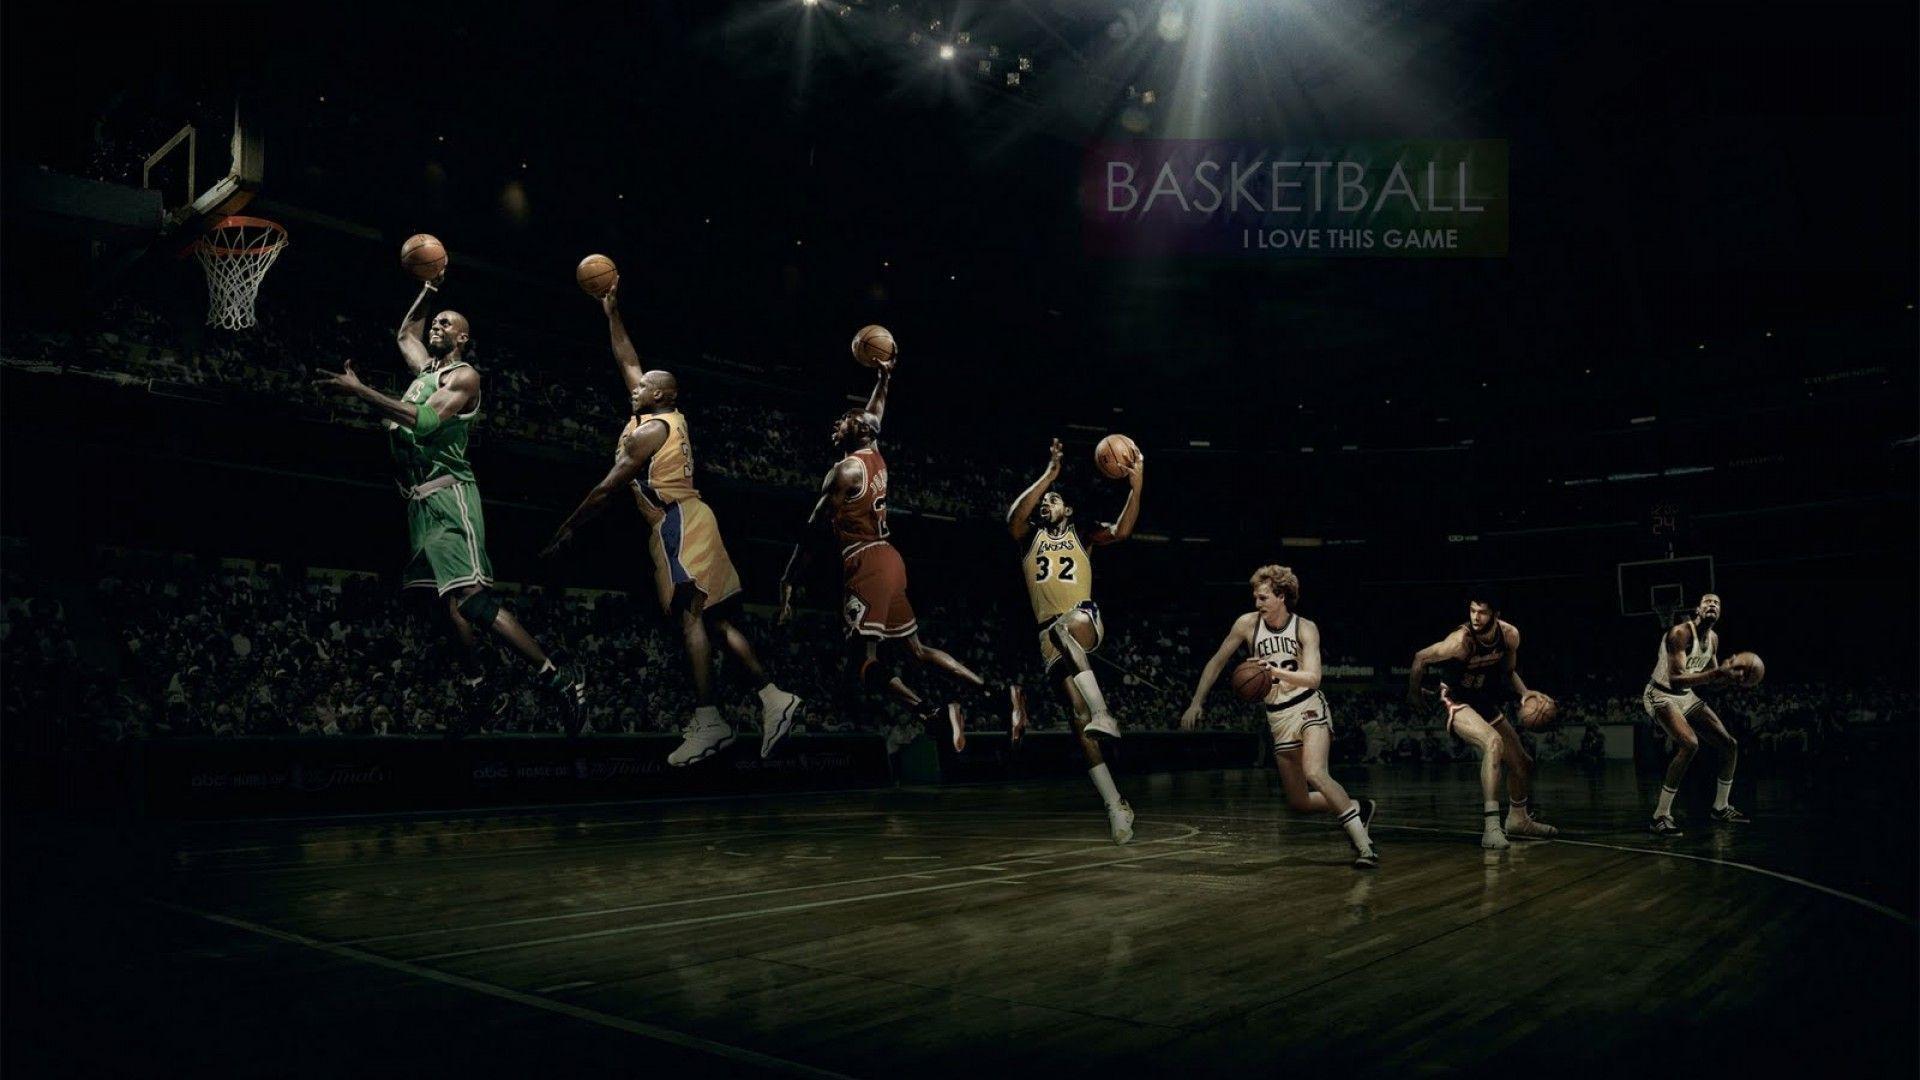 Basketball Laptop Wallpapers Top Free Basketball Laptop